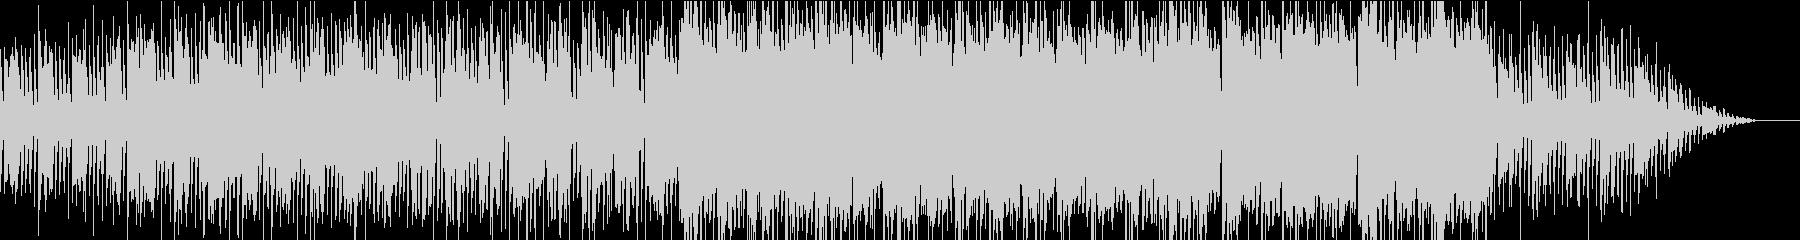 アコーディオンを使った疾走感溢れる曲の未再生の波形